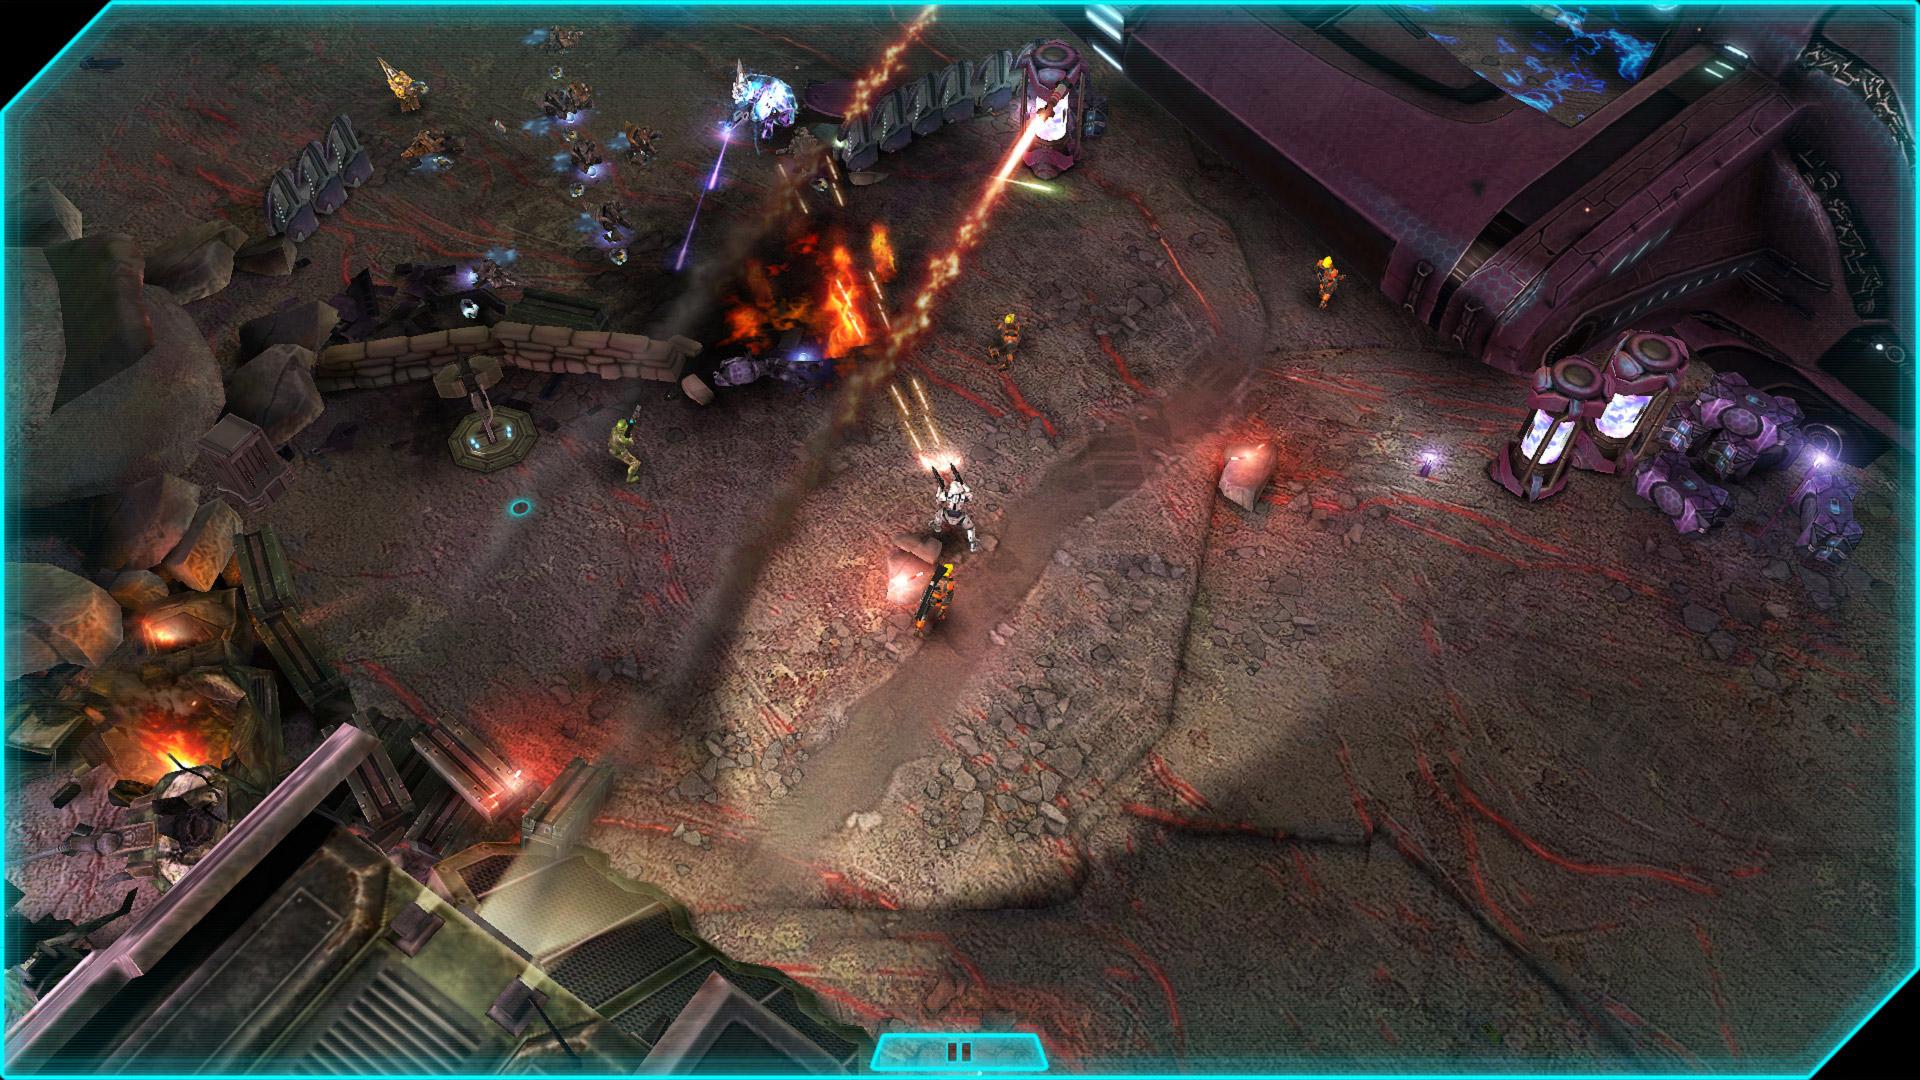 LocoCycle et Halo: Spartan Assault prochainement sur Xbox 360